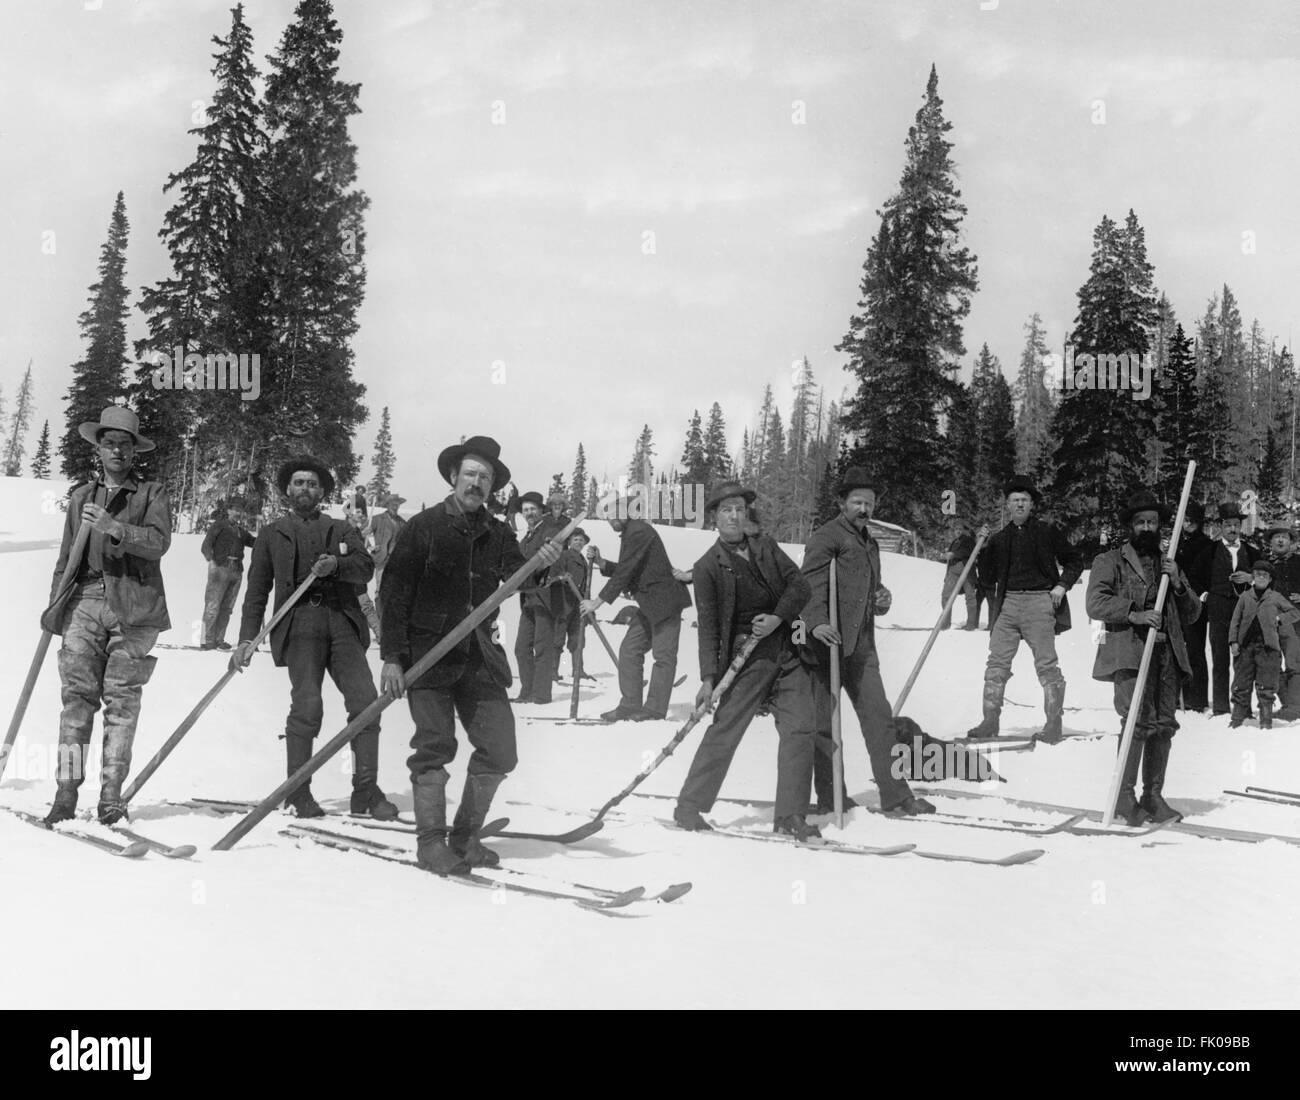 Groupe de skieurs, USA, vers 1915 Photo Stock